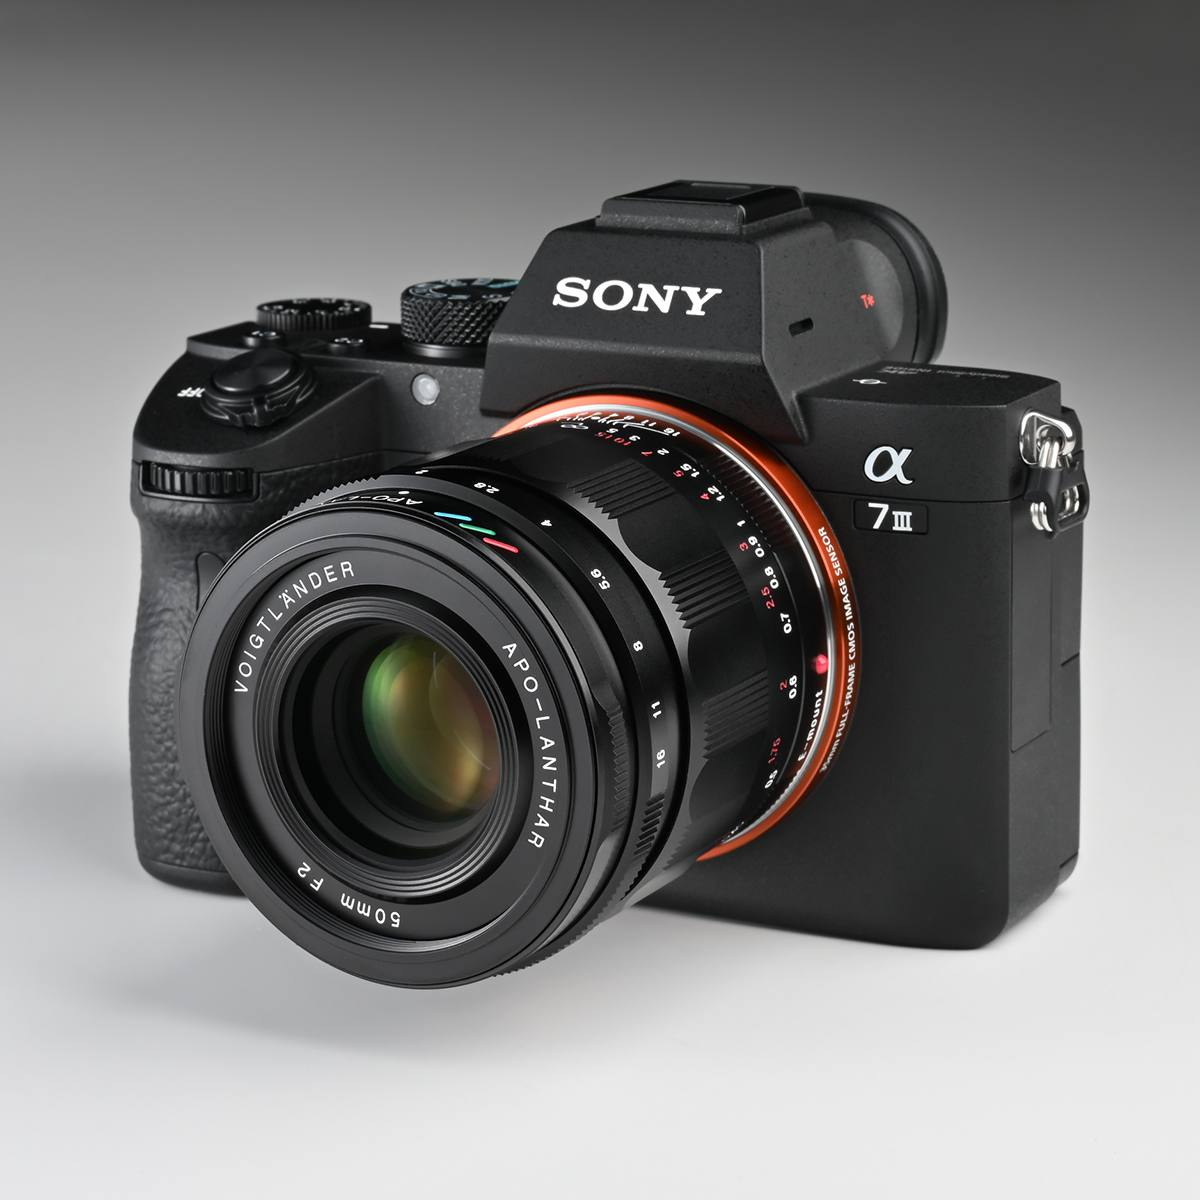 フォクトレンダー史上最高の標準レンズ「APO-LANTHAR 50mm F2 Aspherical」実写レビュー